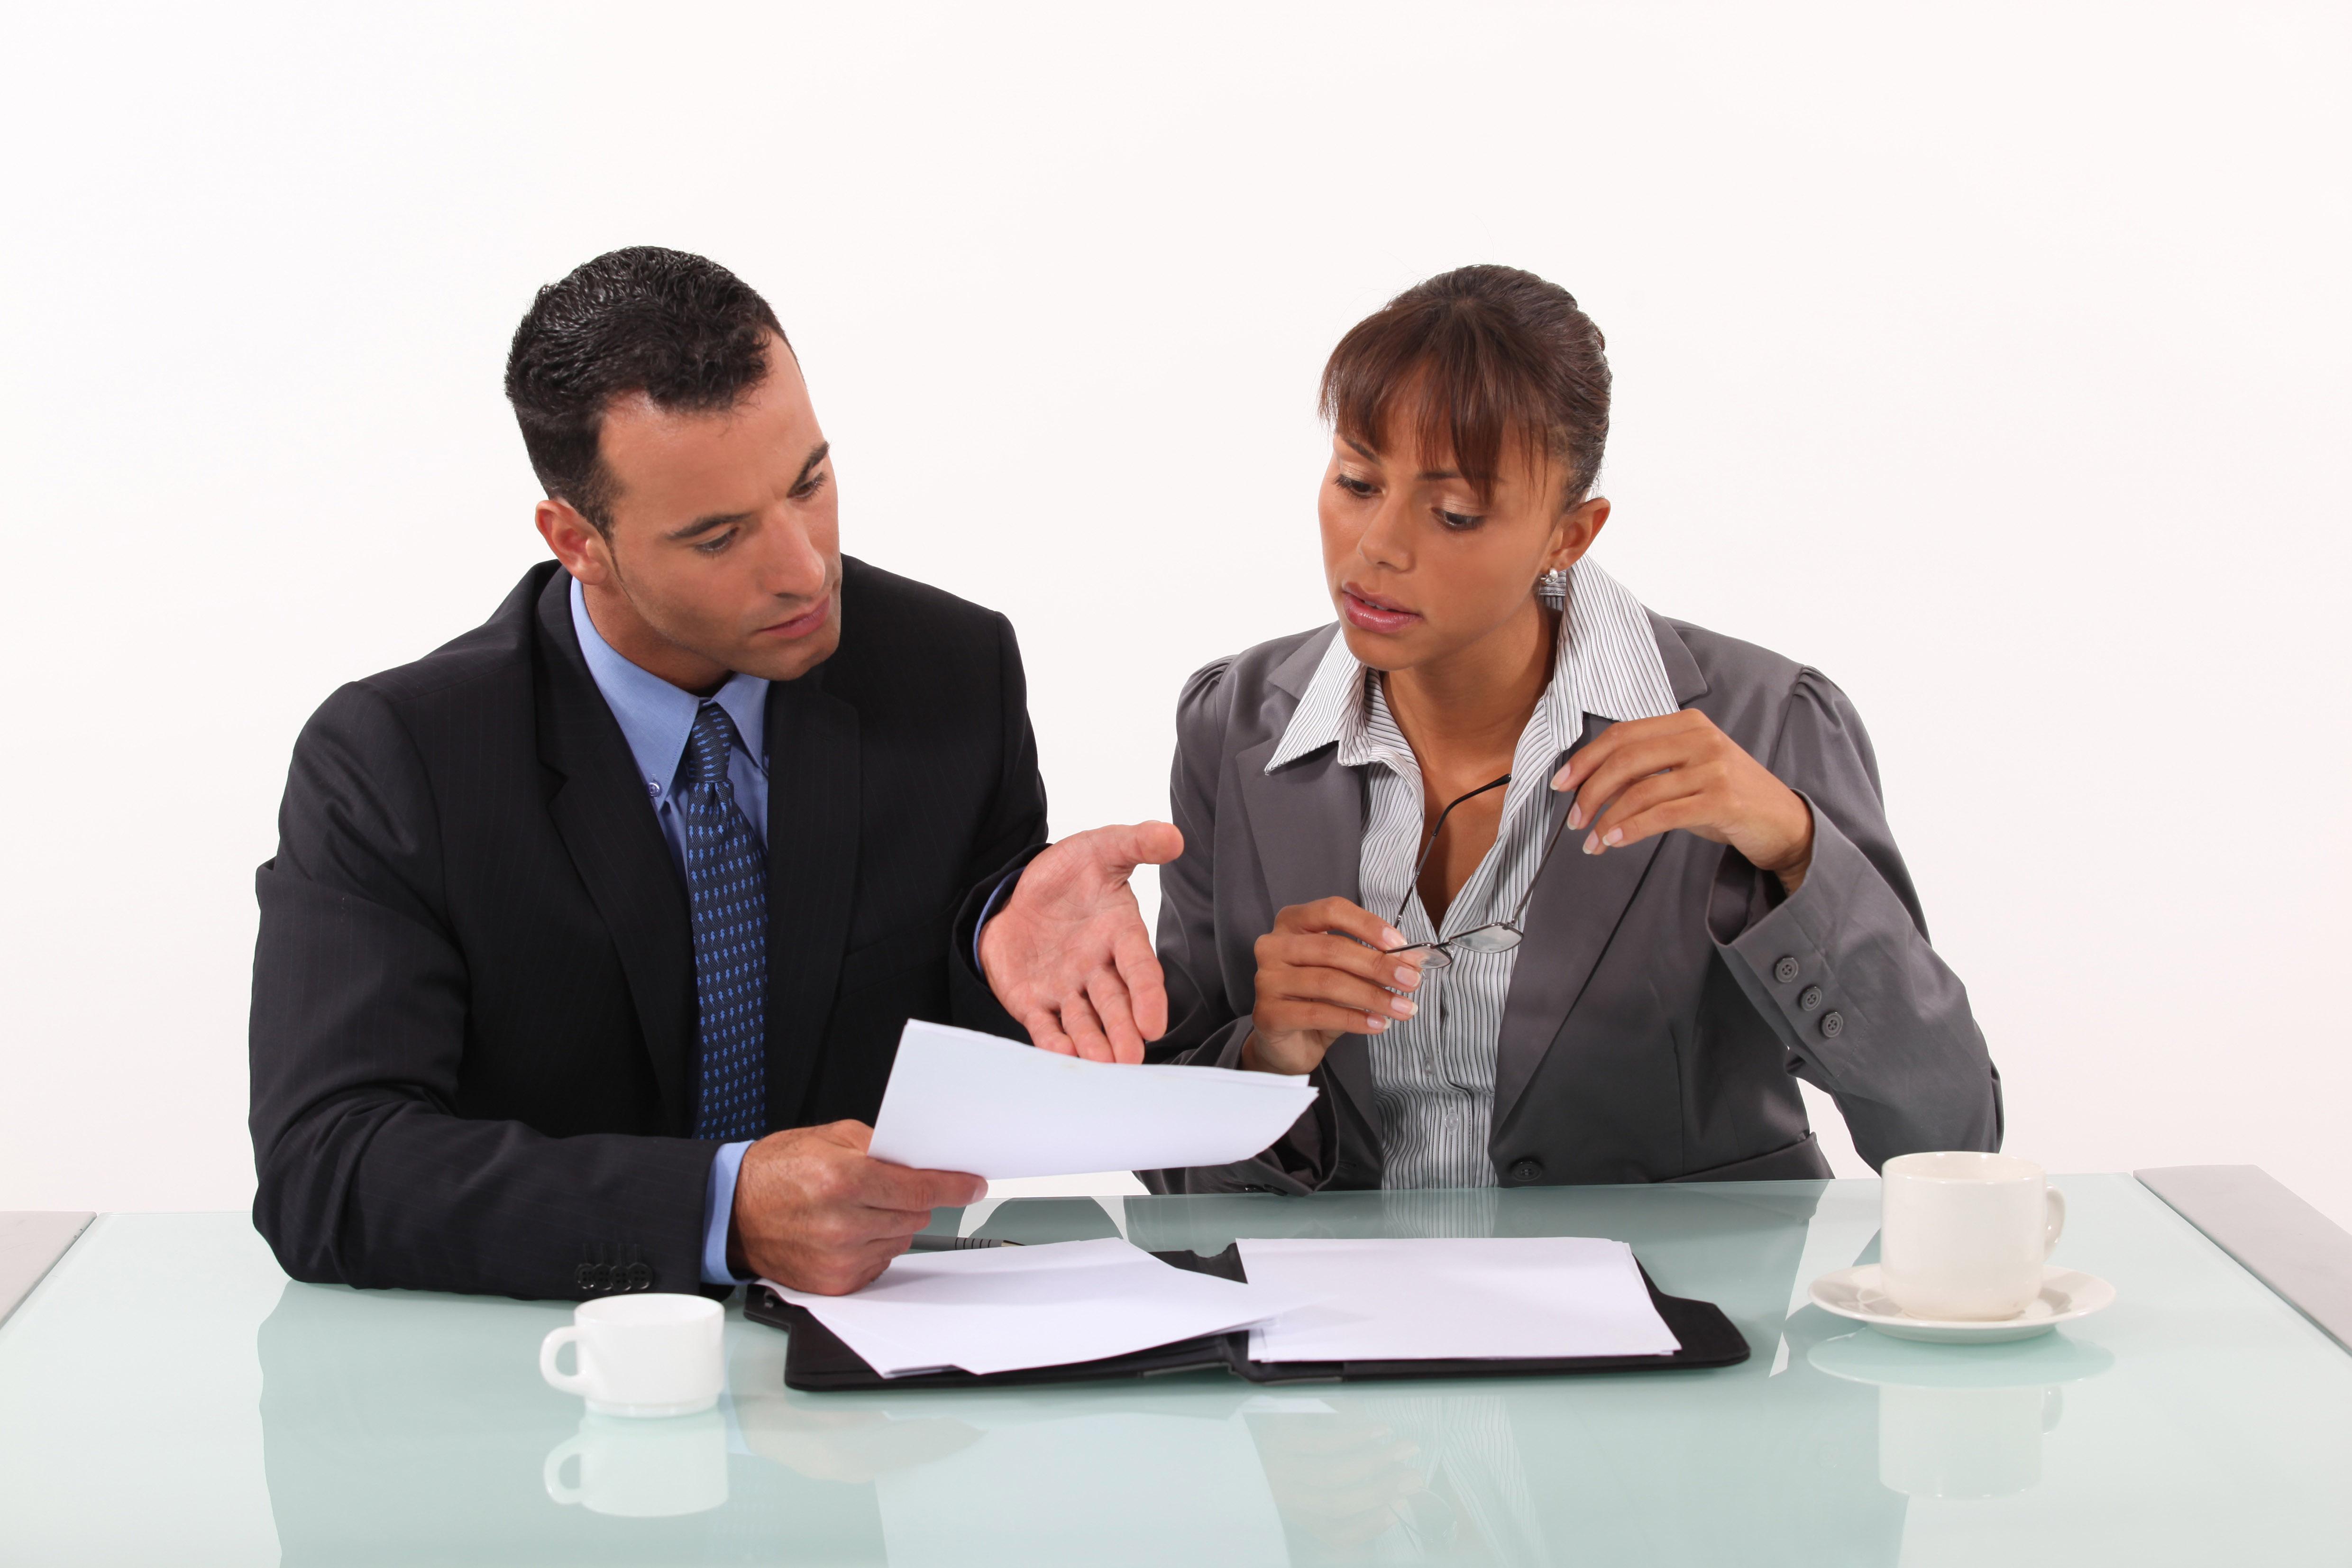 Egalit femmes hommes le rattrapage des salaires exige for Bureau homme